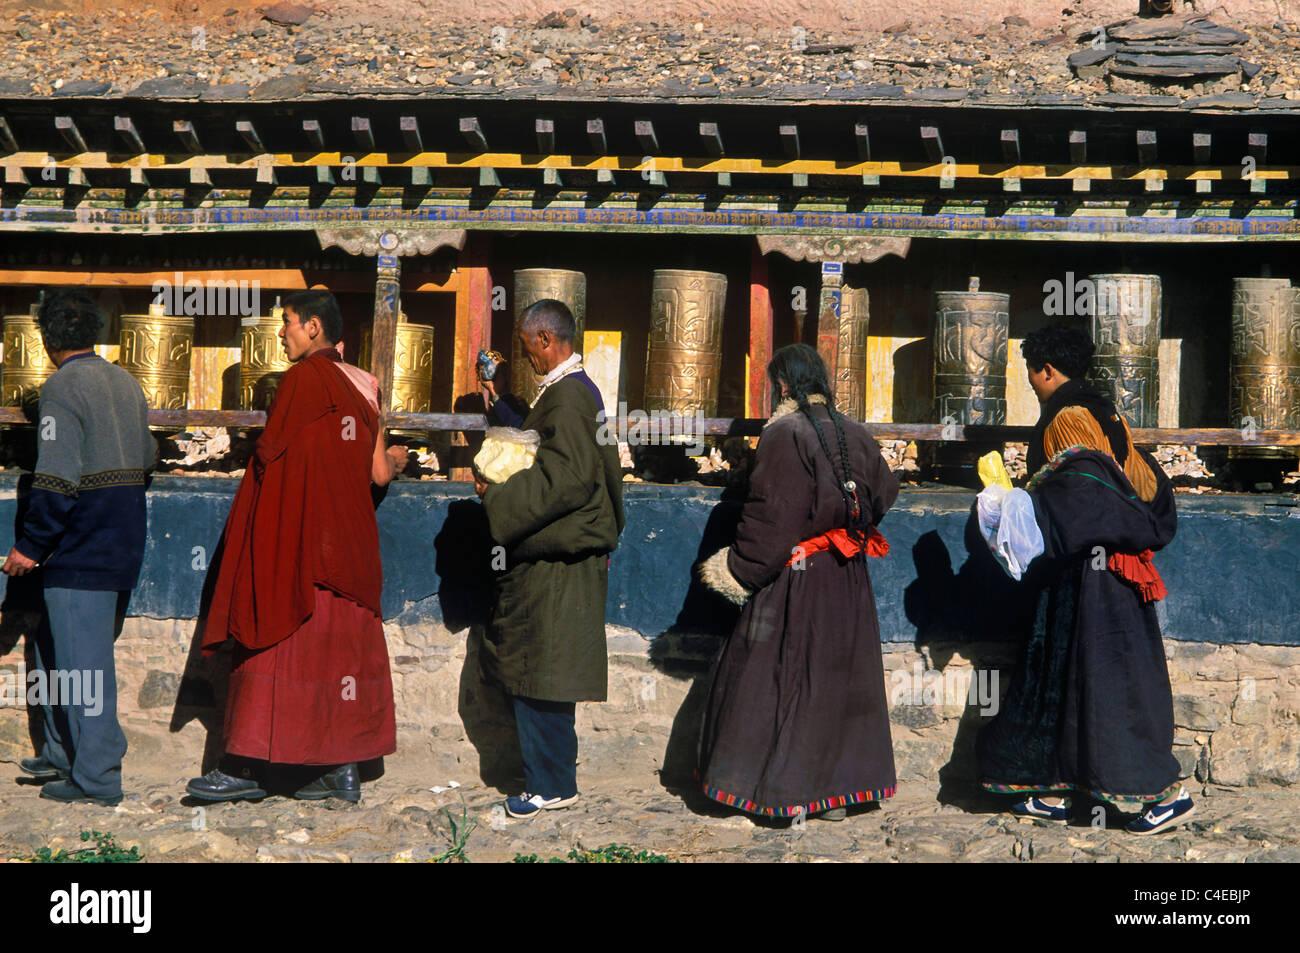 People circumambulating at the Kumbum  chorten at Gyantse, Tibet China - Stock Image